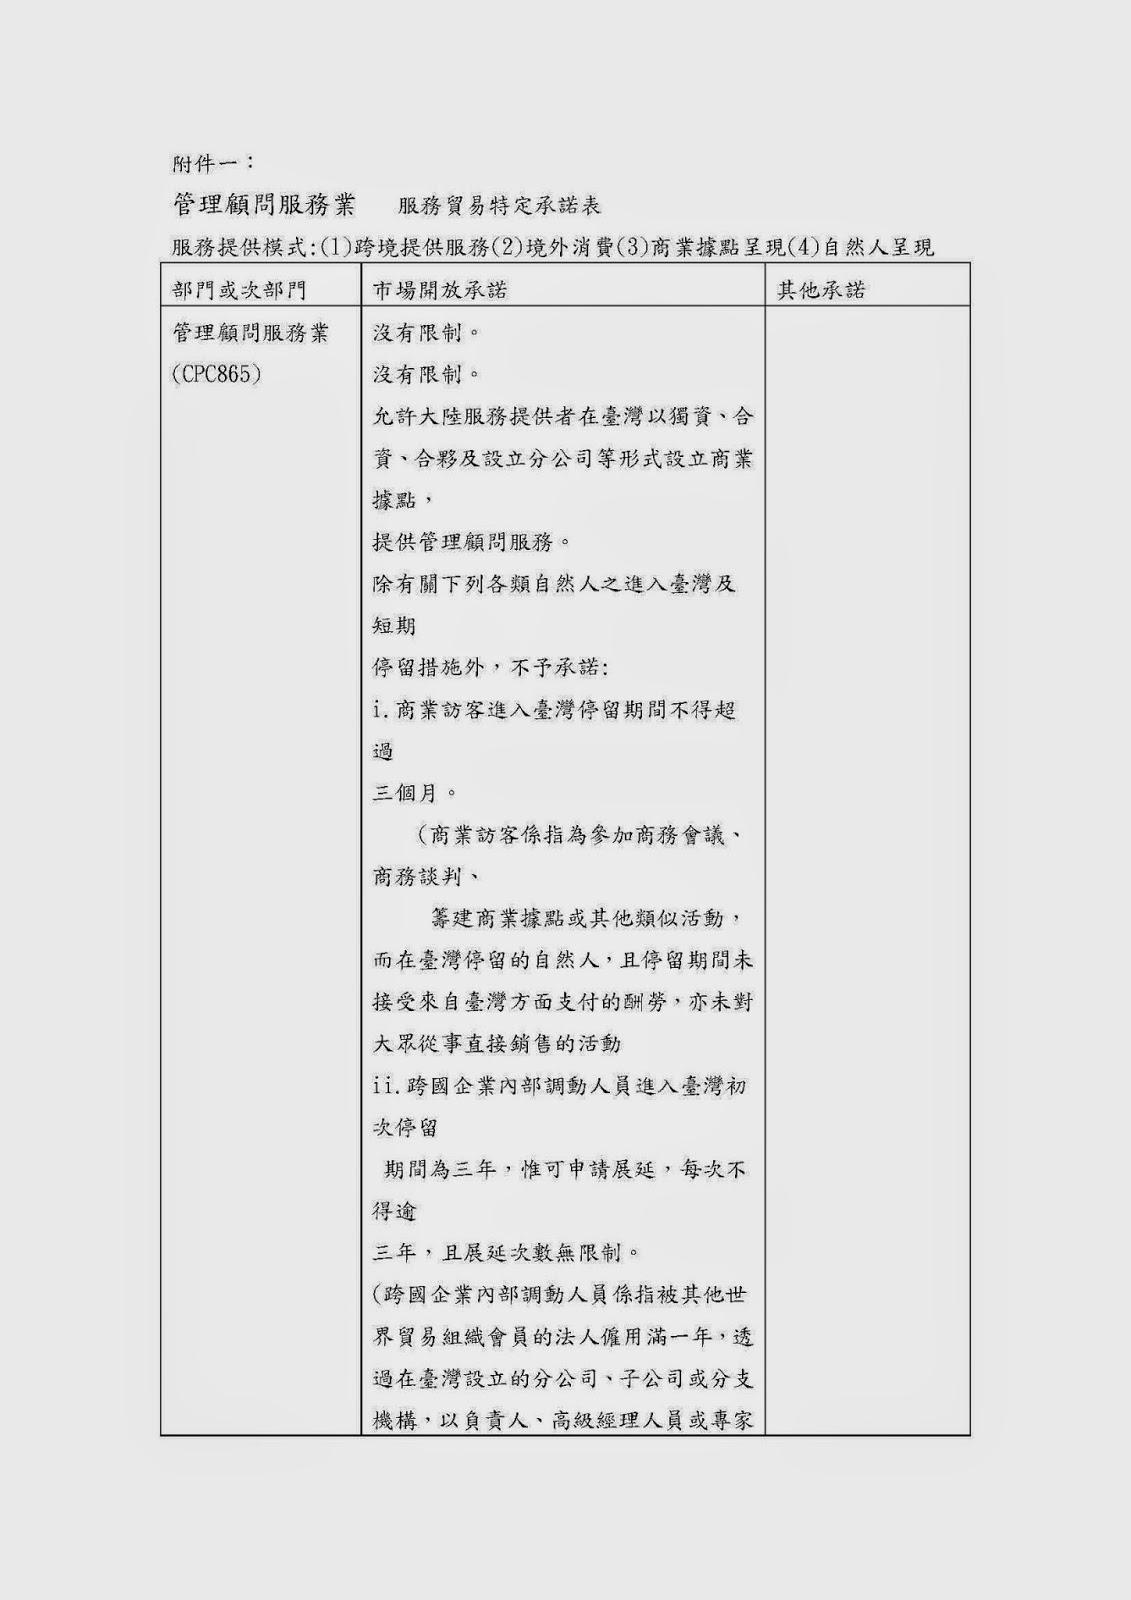 顧問團文章庫: 臺灣經濟研究院專題訪談內容摘要